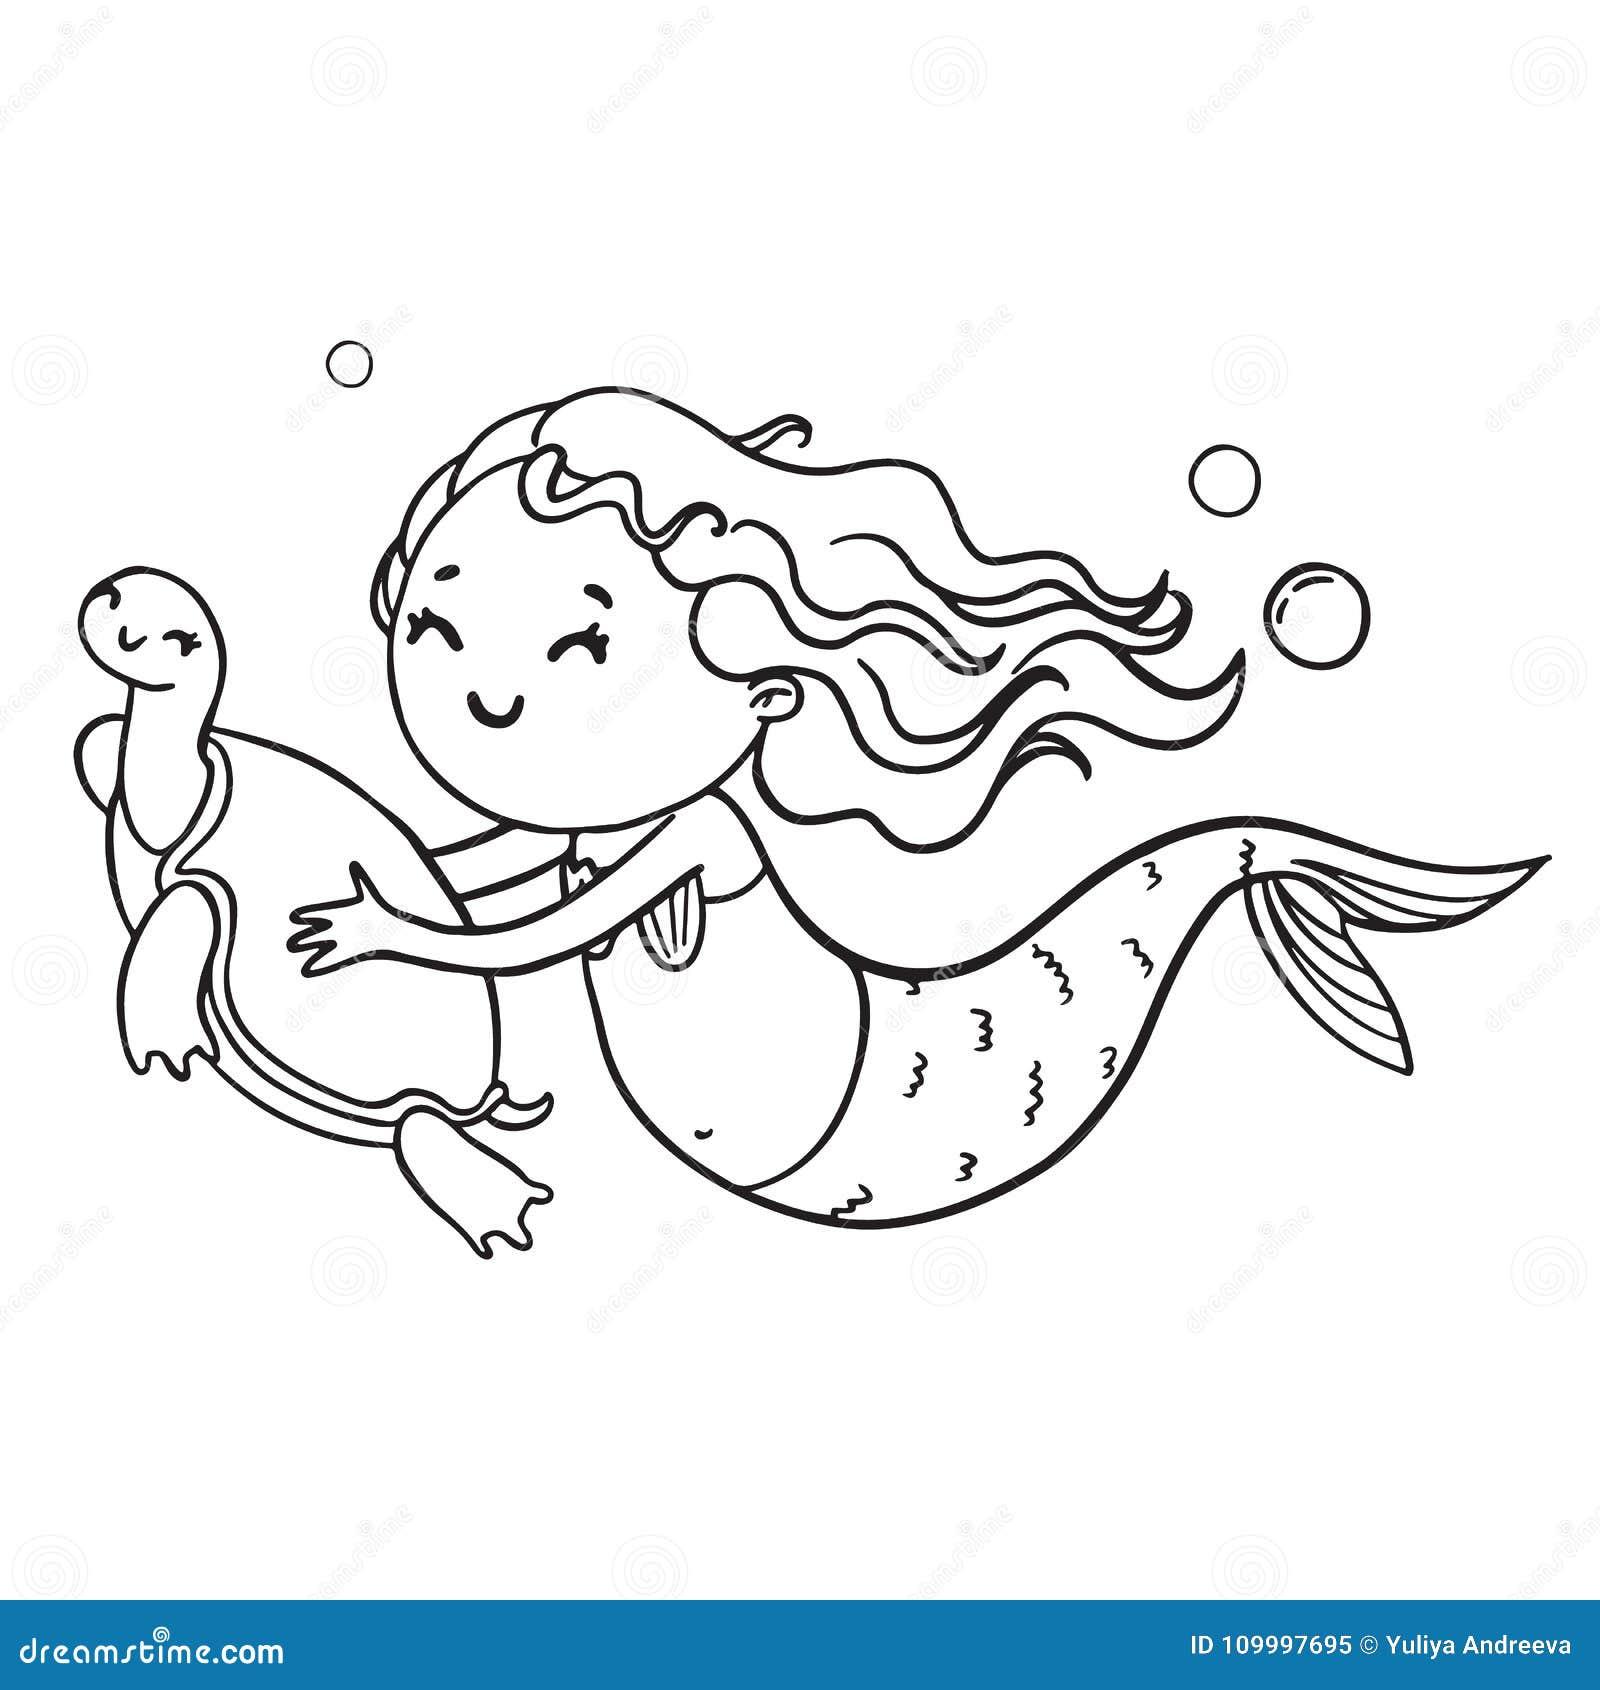 Lujoso Sirena Y Delfines Para Colorear Composición - Dibujos Para ...